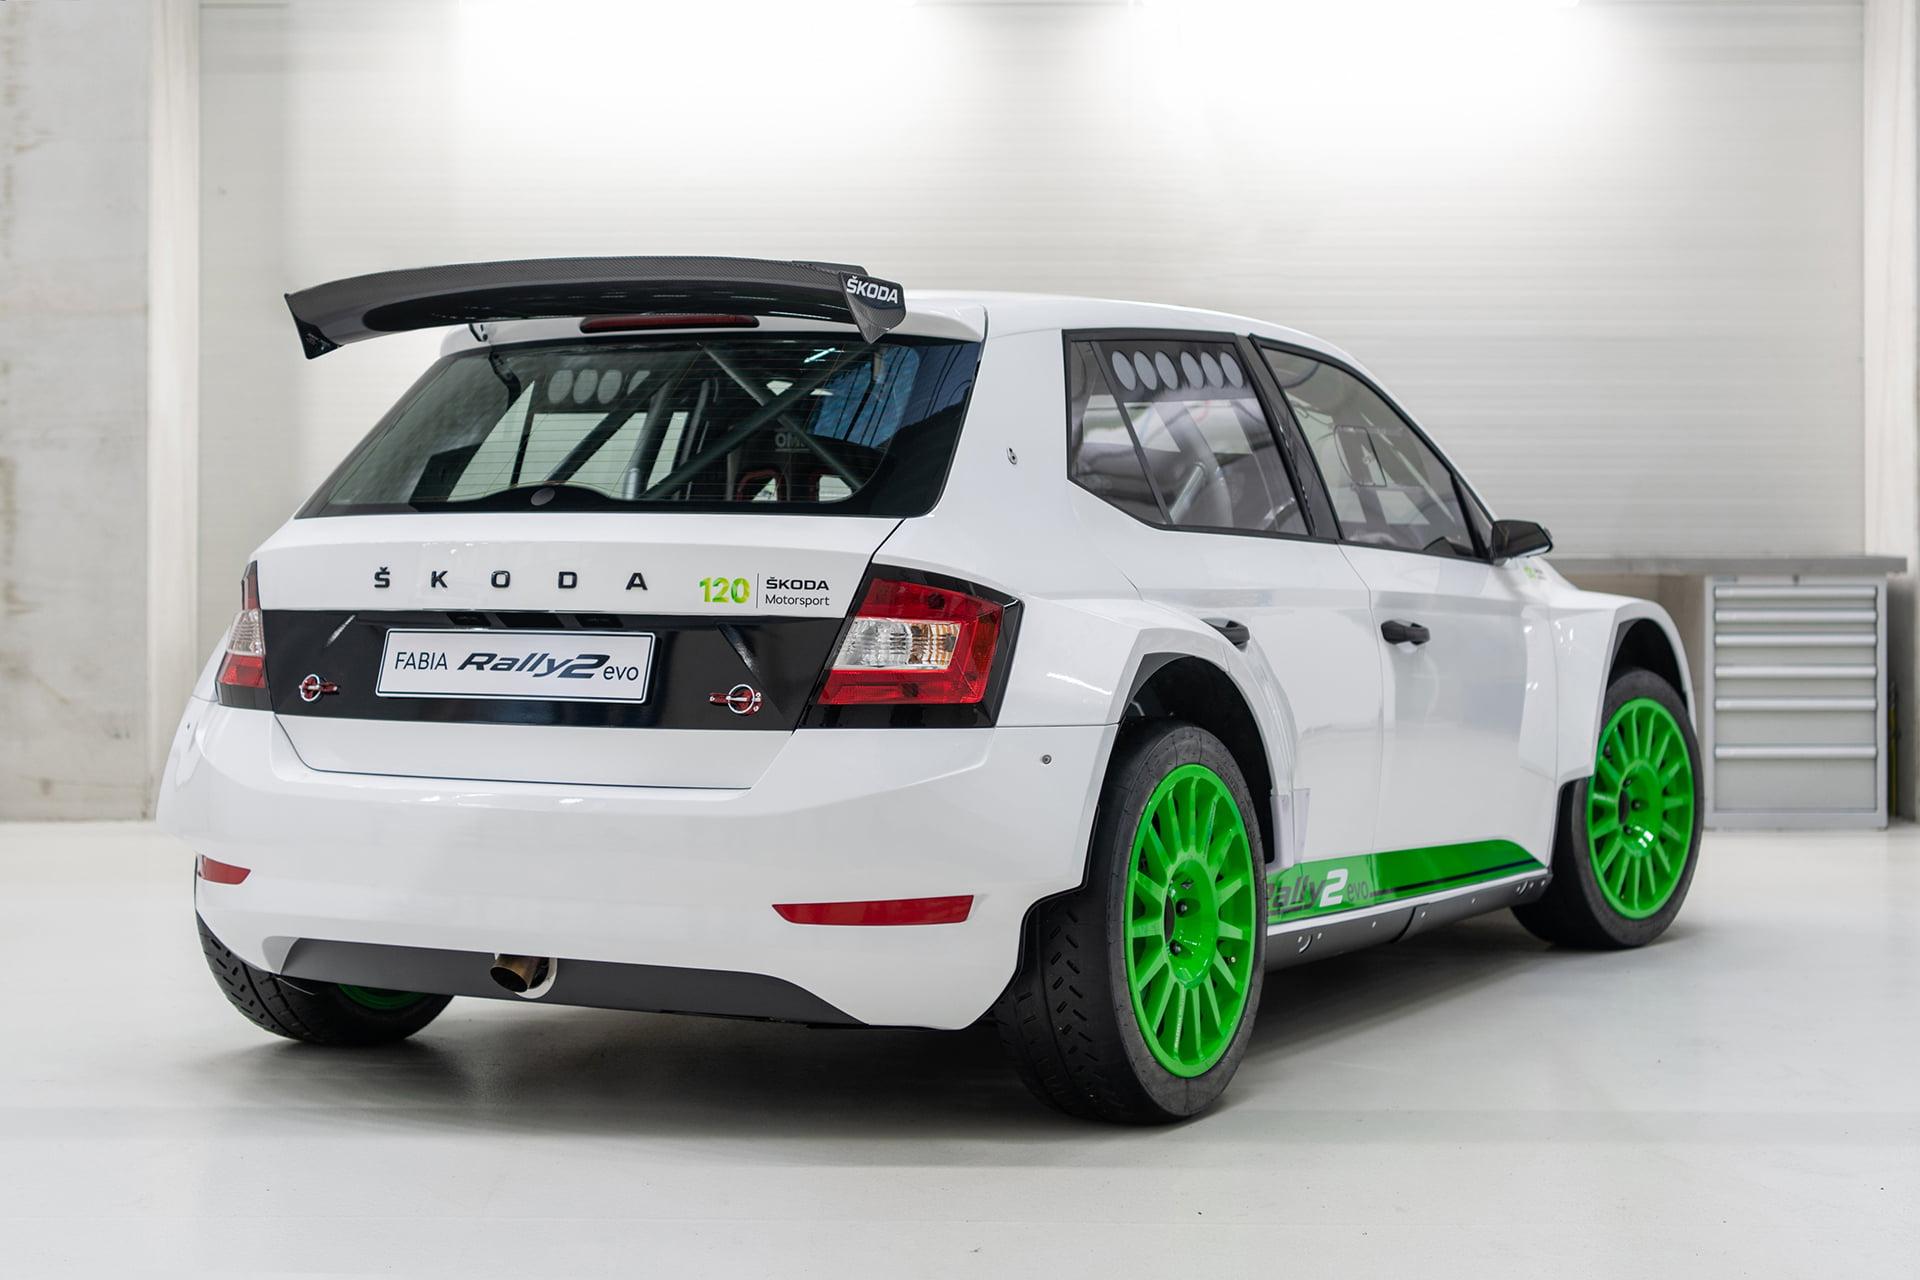 El ŠKODA FABIA Rally2 evo es un coche ganador